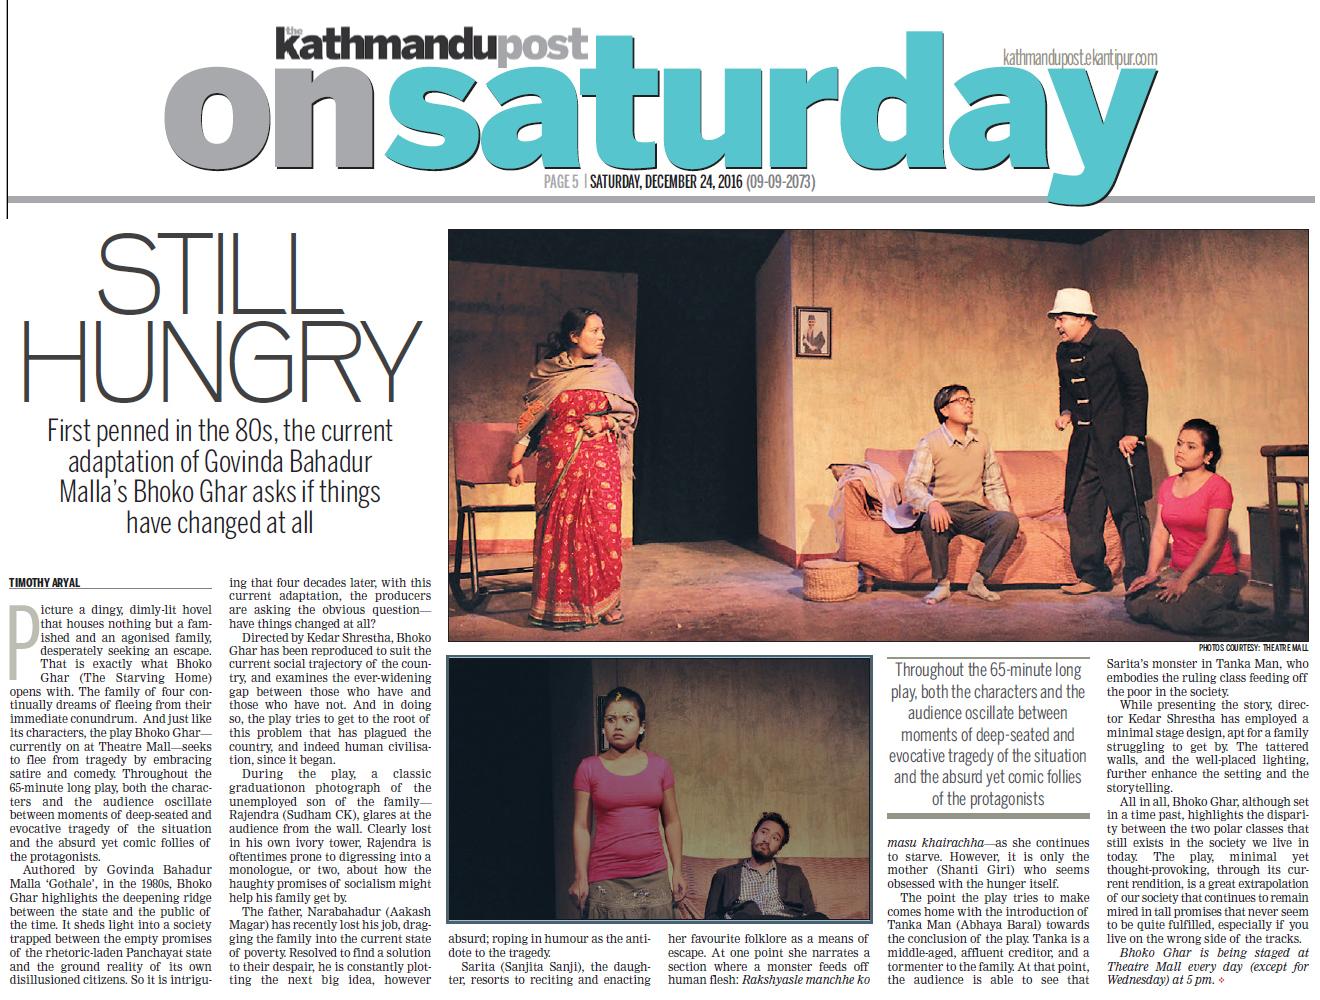 <p>BHOKO GHAR in Kathmandu Post's Saturday</p>